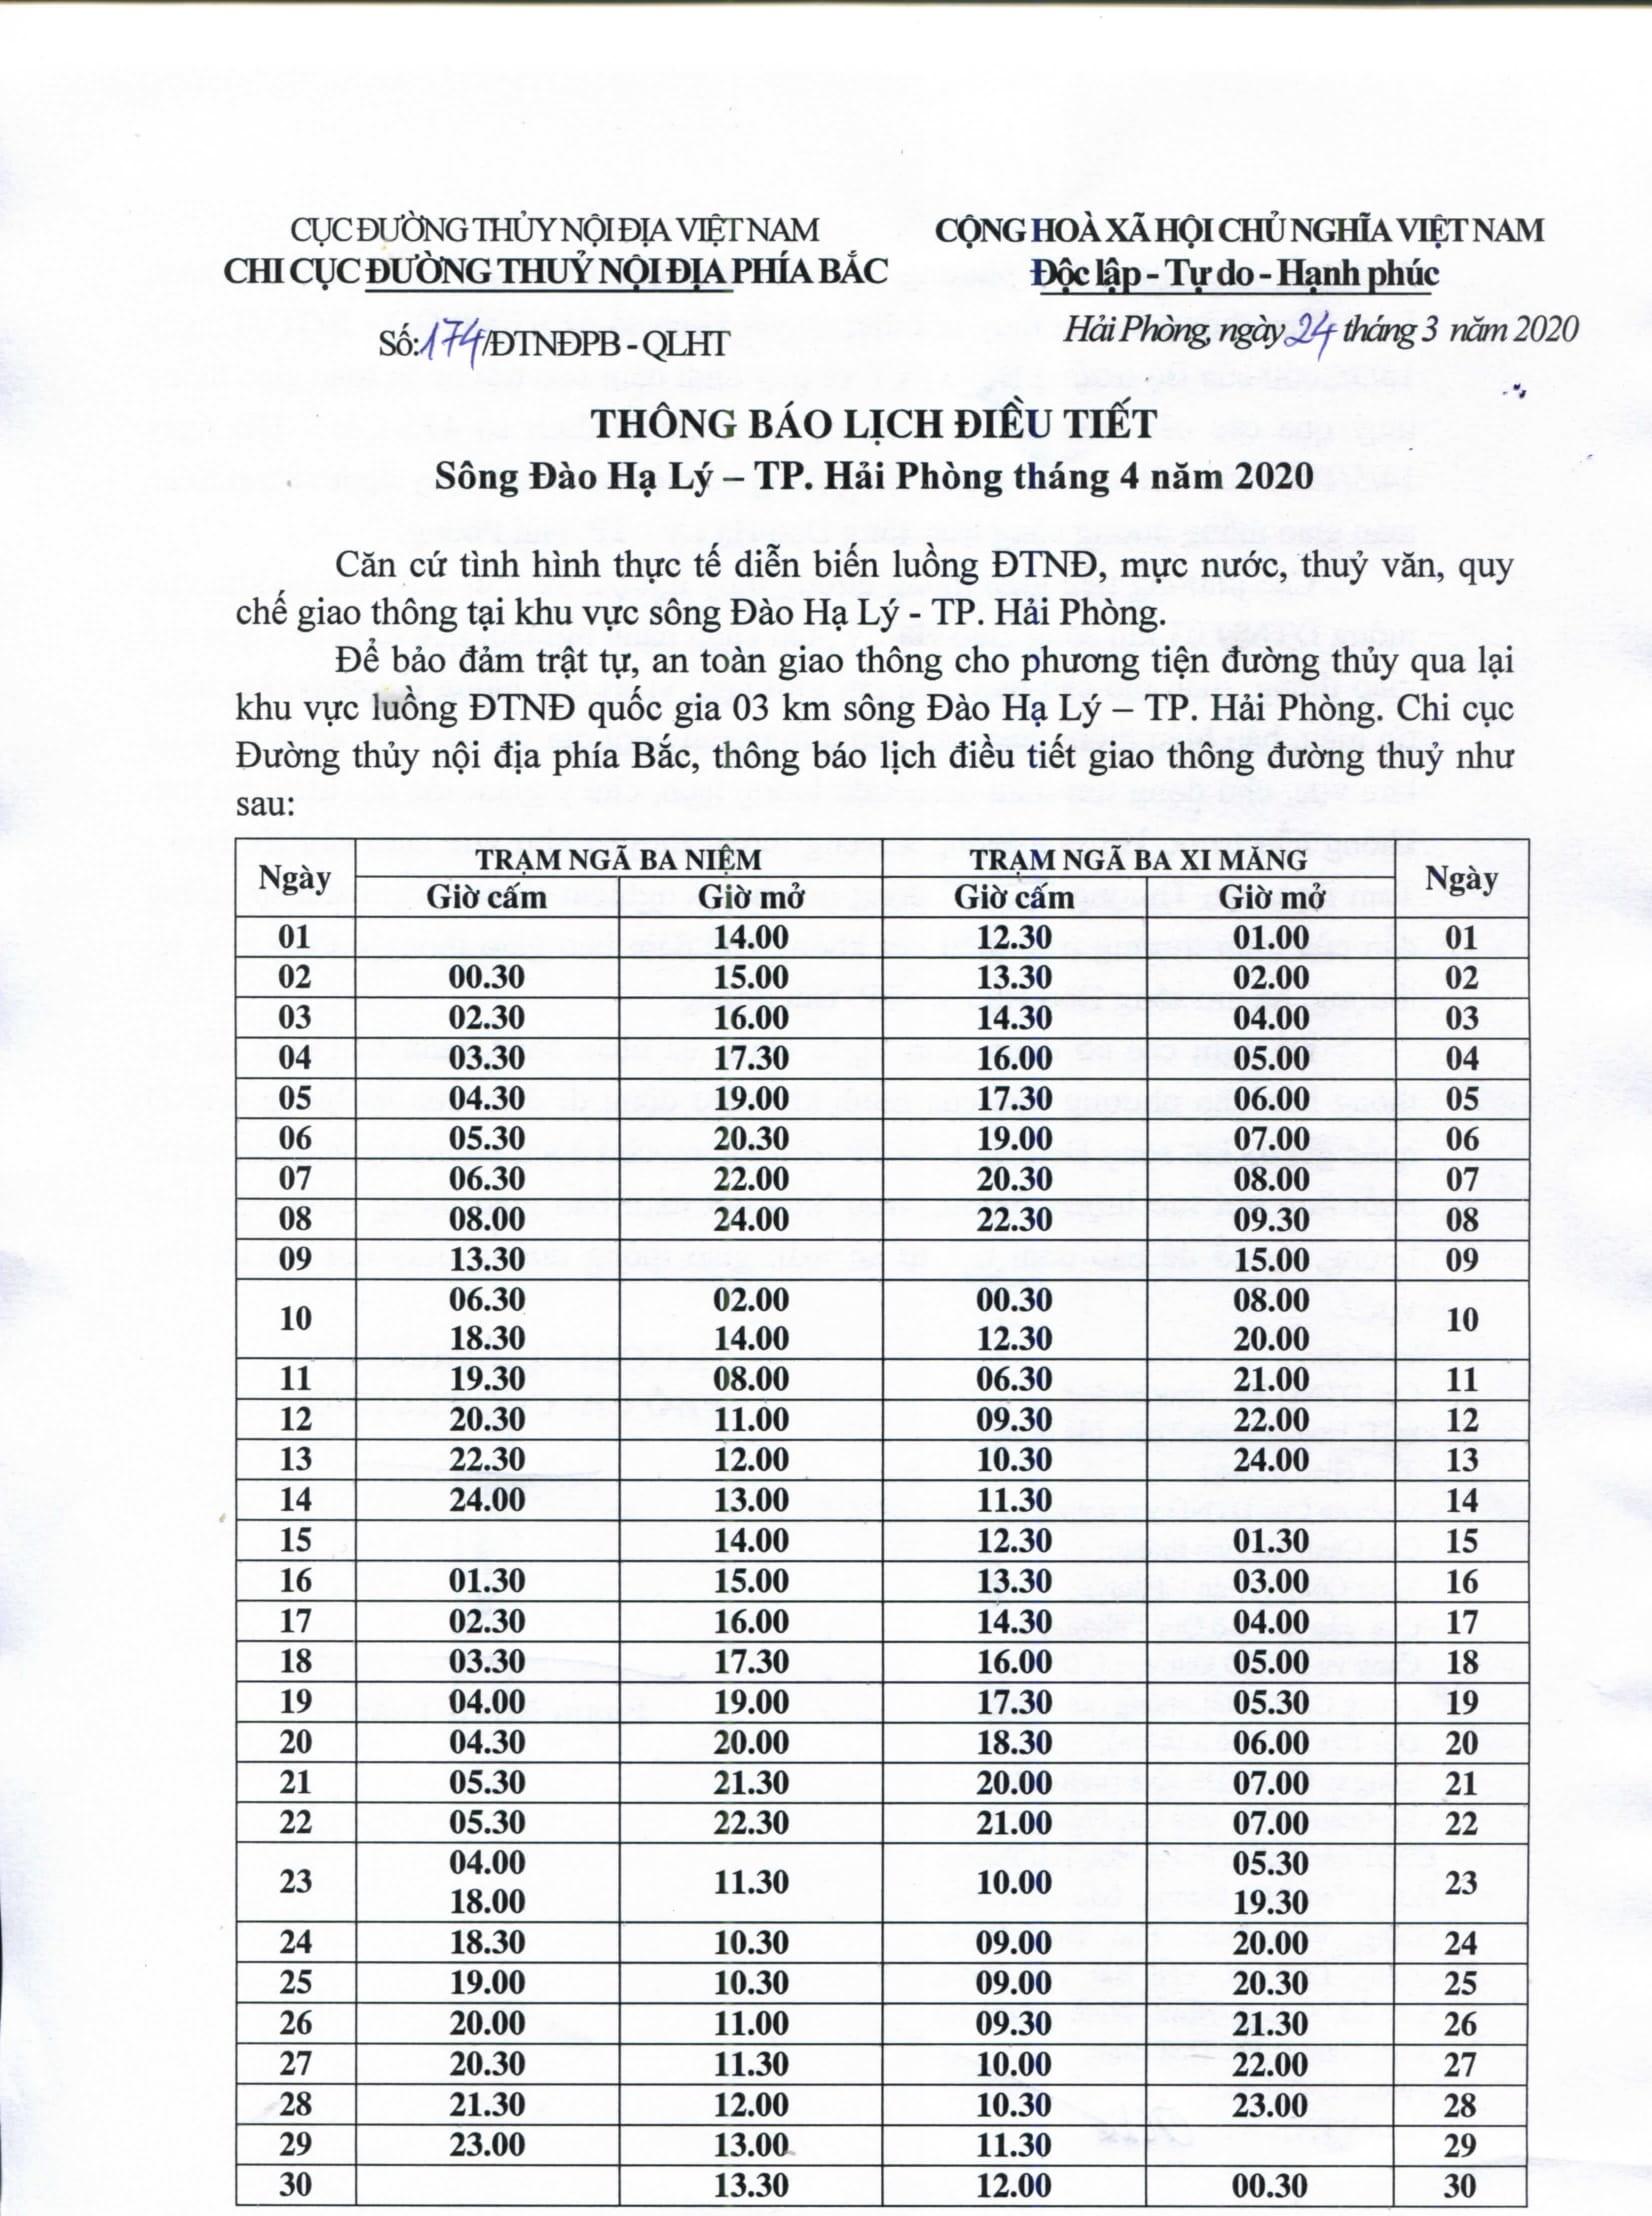 Thông báo lịch điều tiết sông Đào Hạ Lý - TP Hải Phòng tháng 04/2020